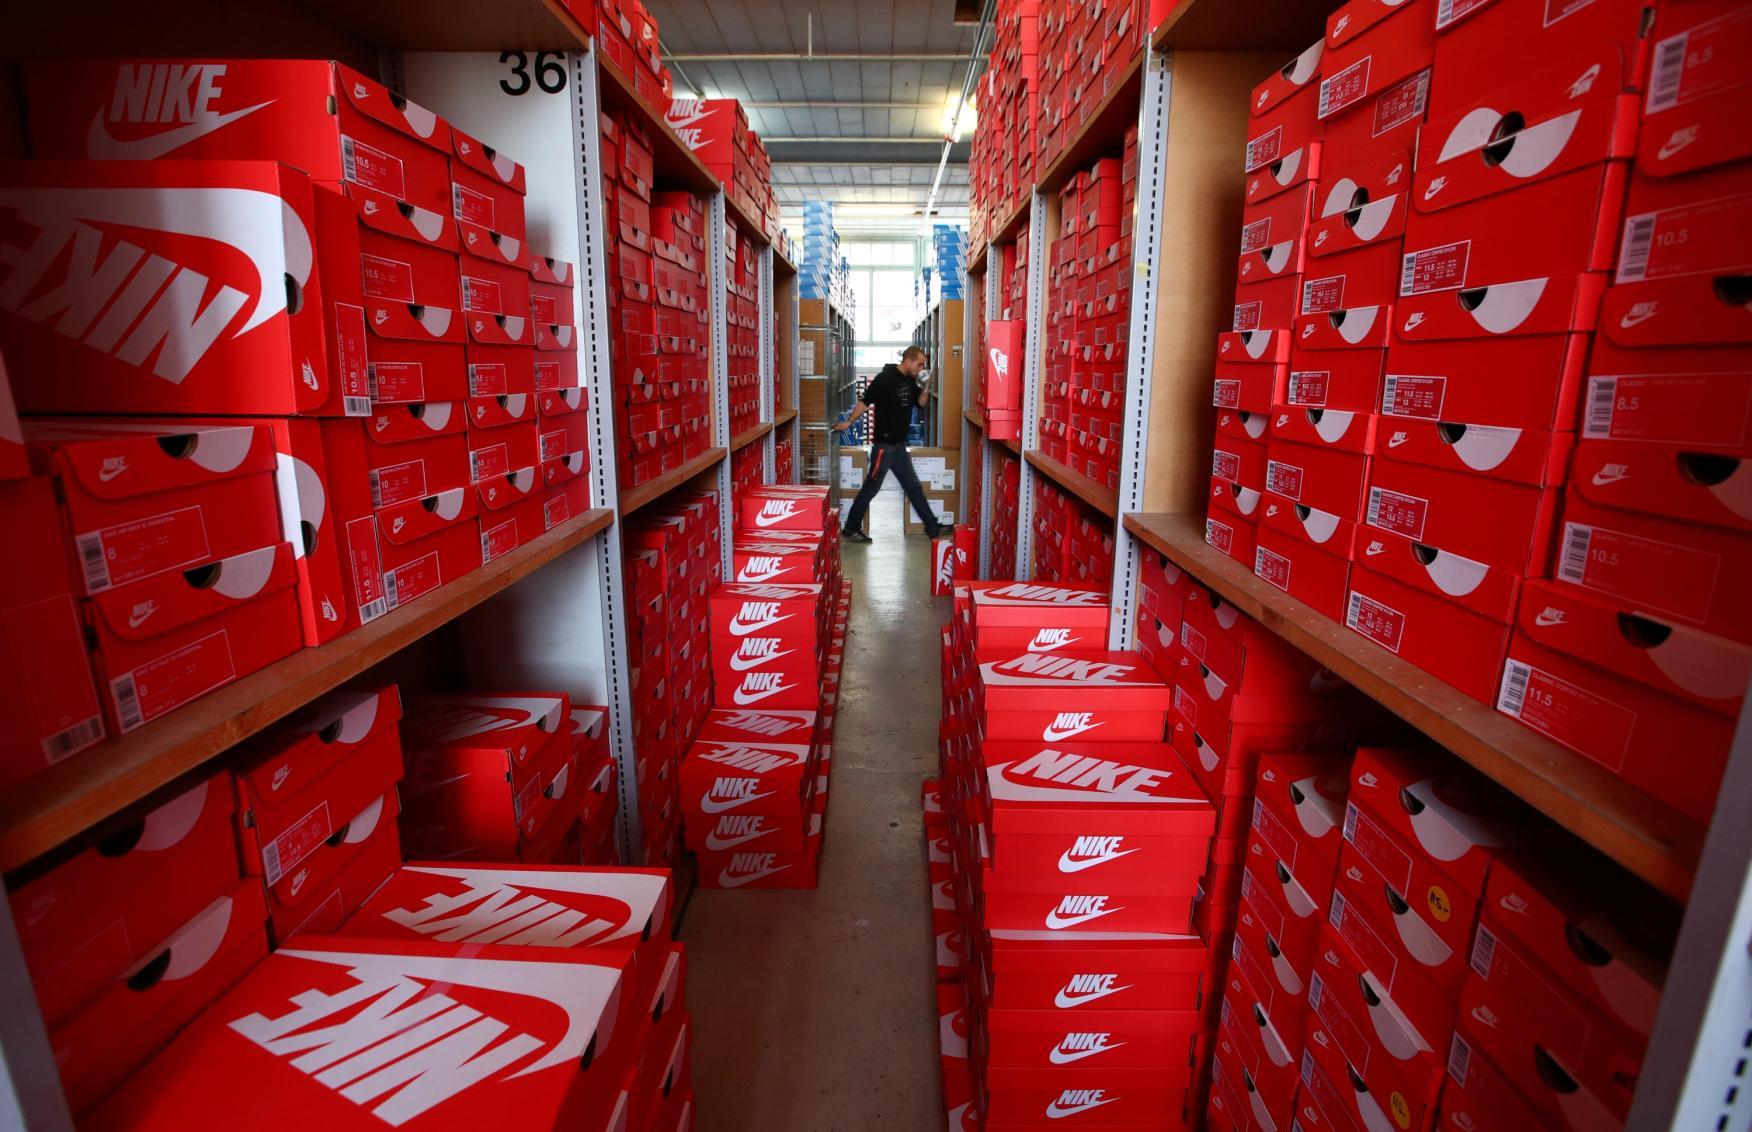 comerciante Montaña Kilauea cualquier cosa  Este es el sueldo de un empleado de Nike en España | Business Insider España